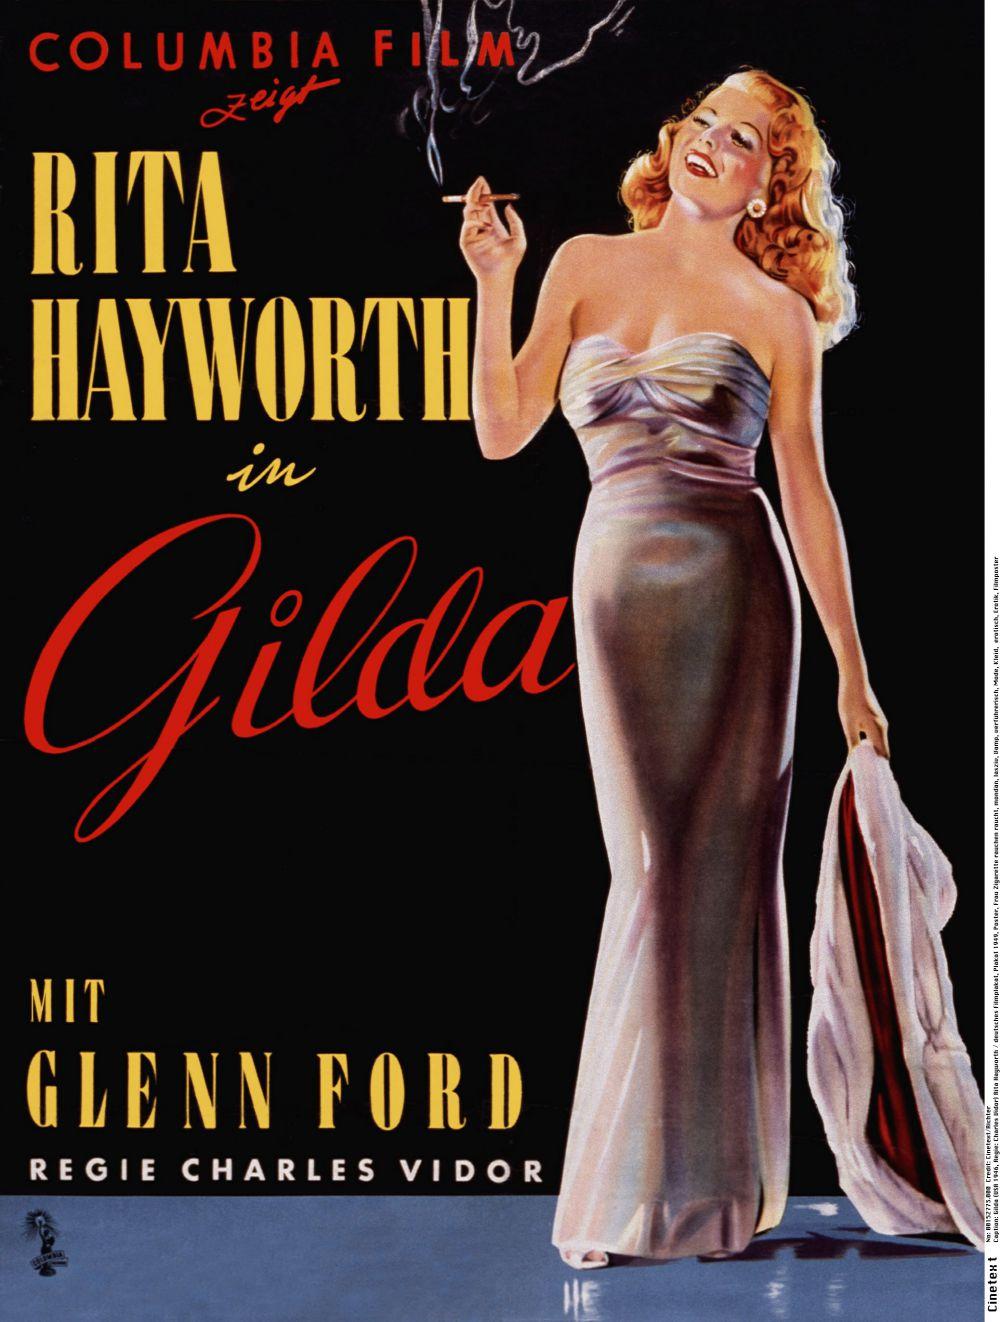 Постер фильма «Гильда» (Gilda, 1946) ушел почти за $22 тысячи.